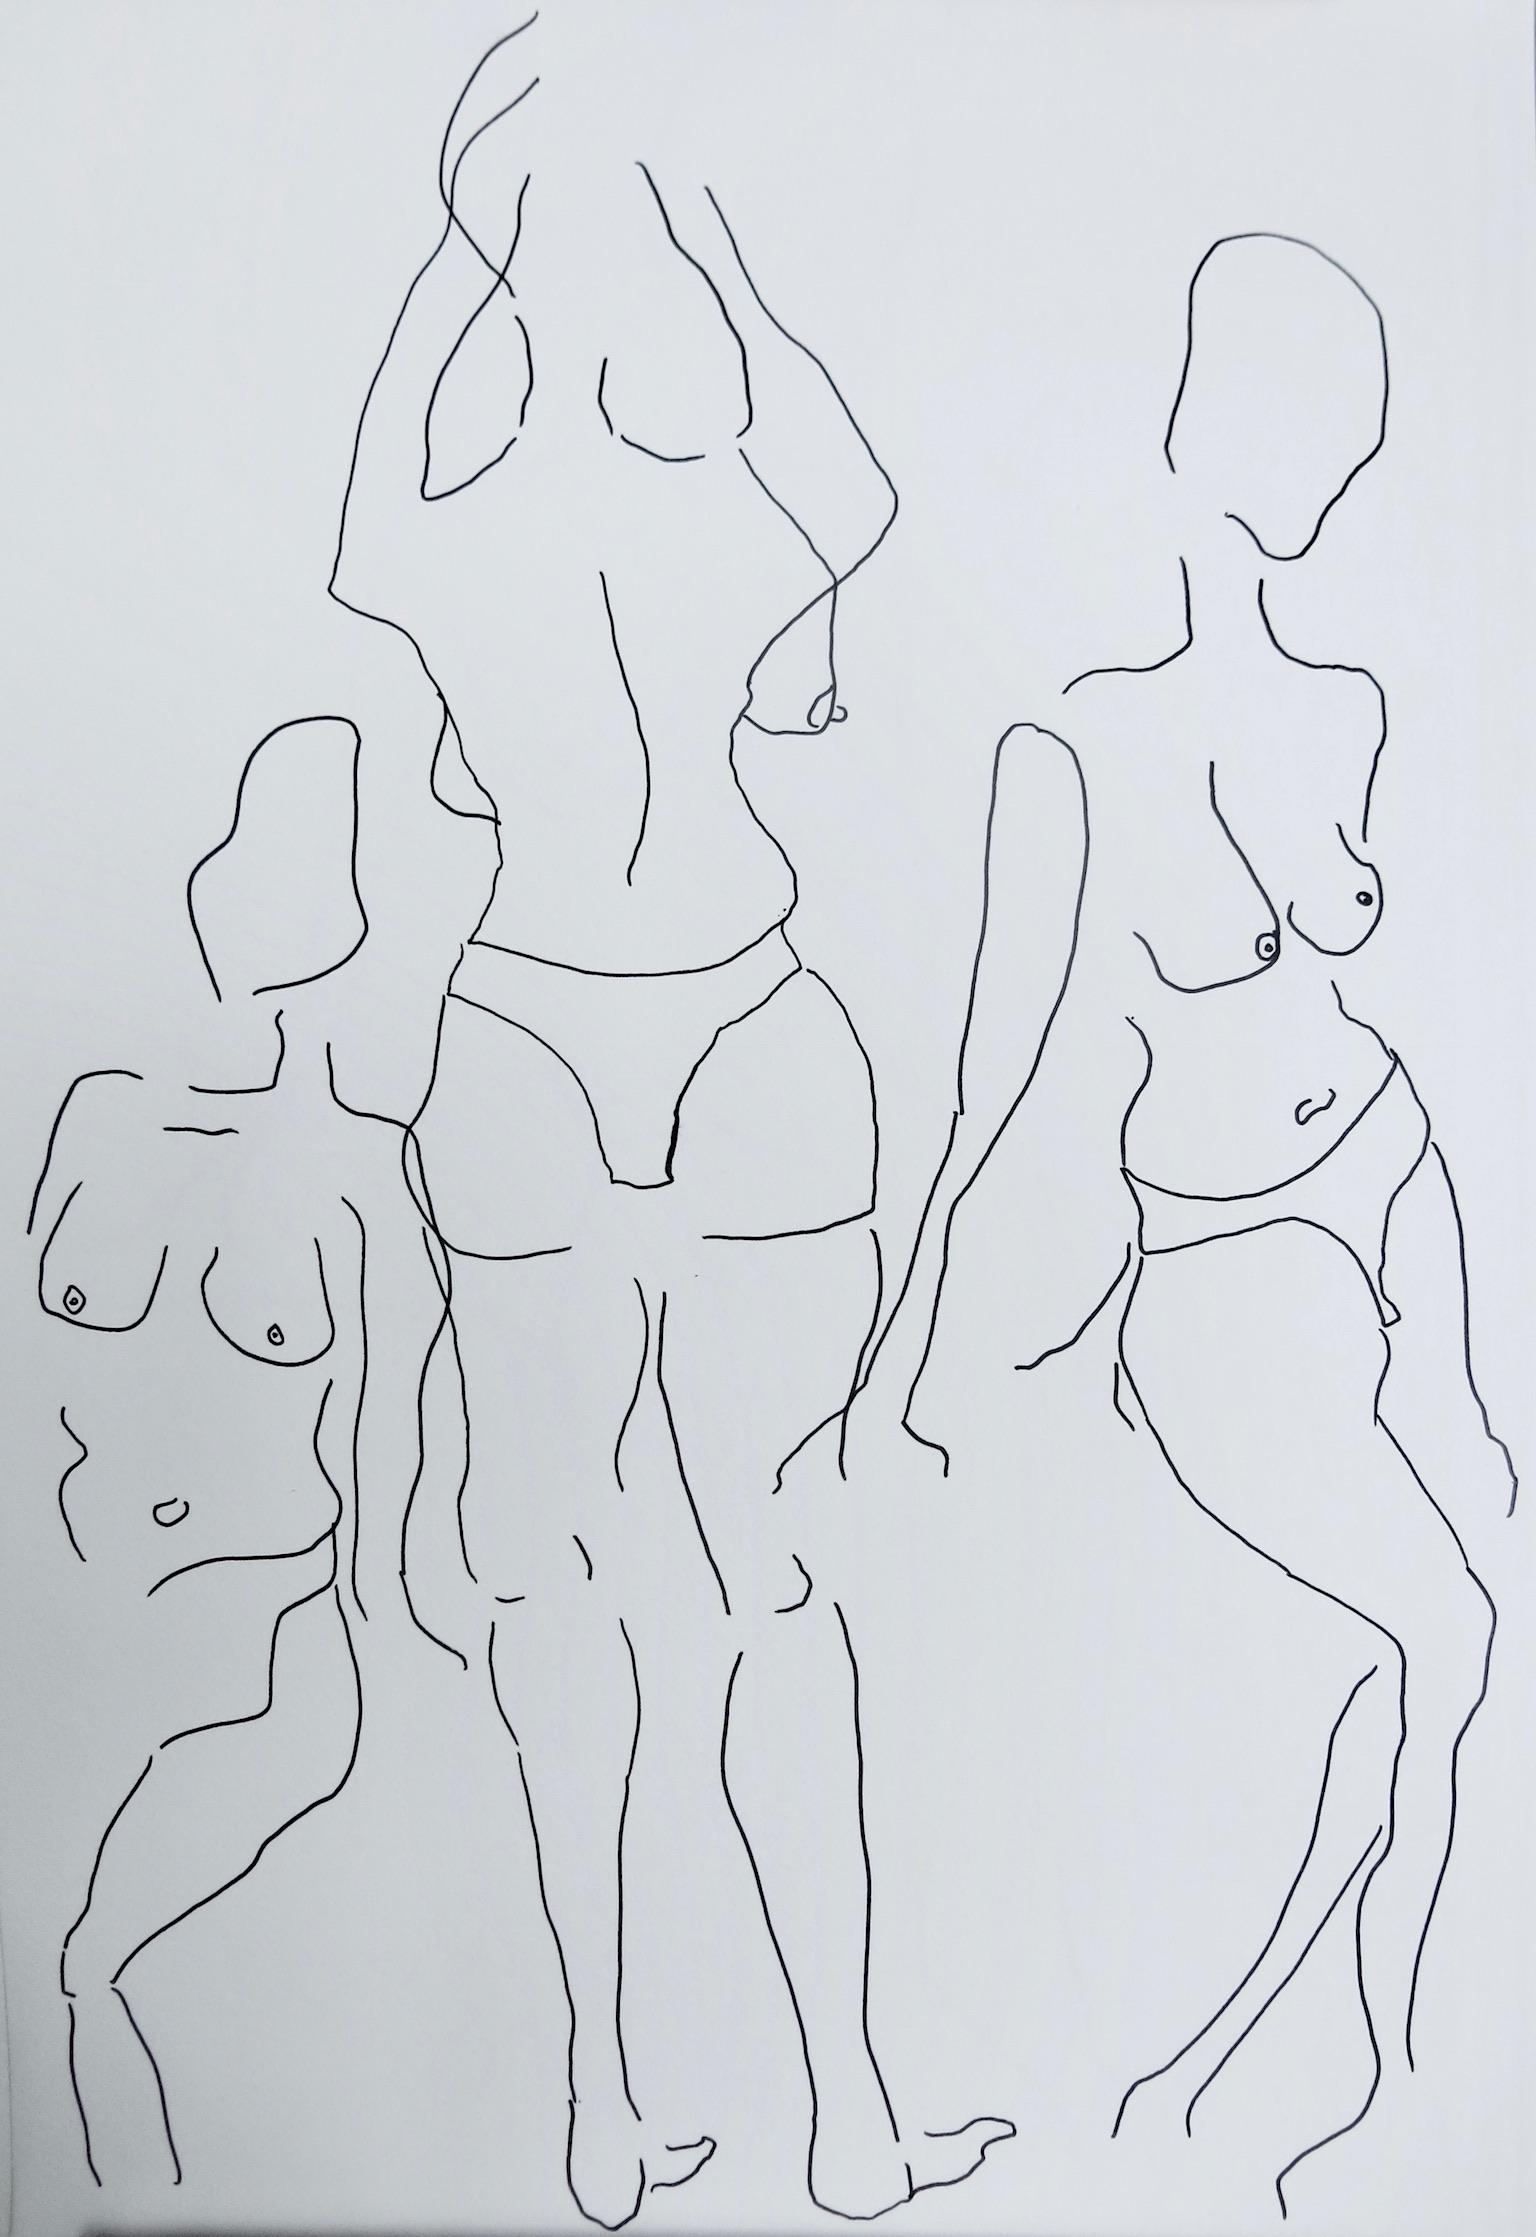 Our Women #3   Pen on archival paper  Unframed: 42 x 30 cm